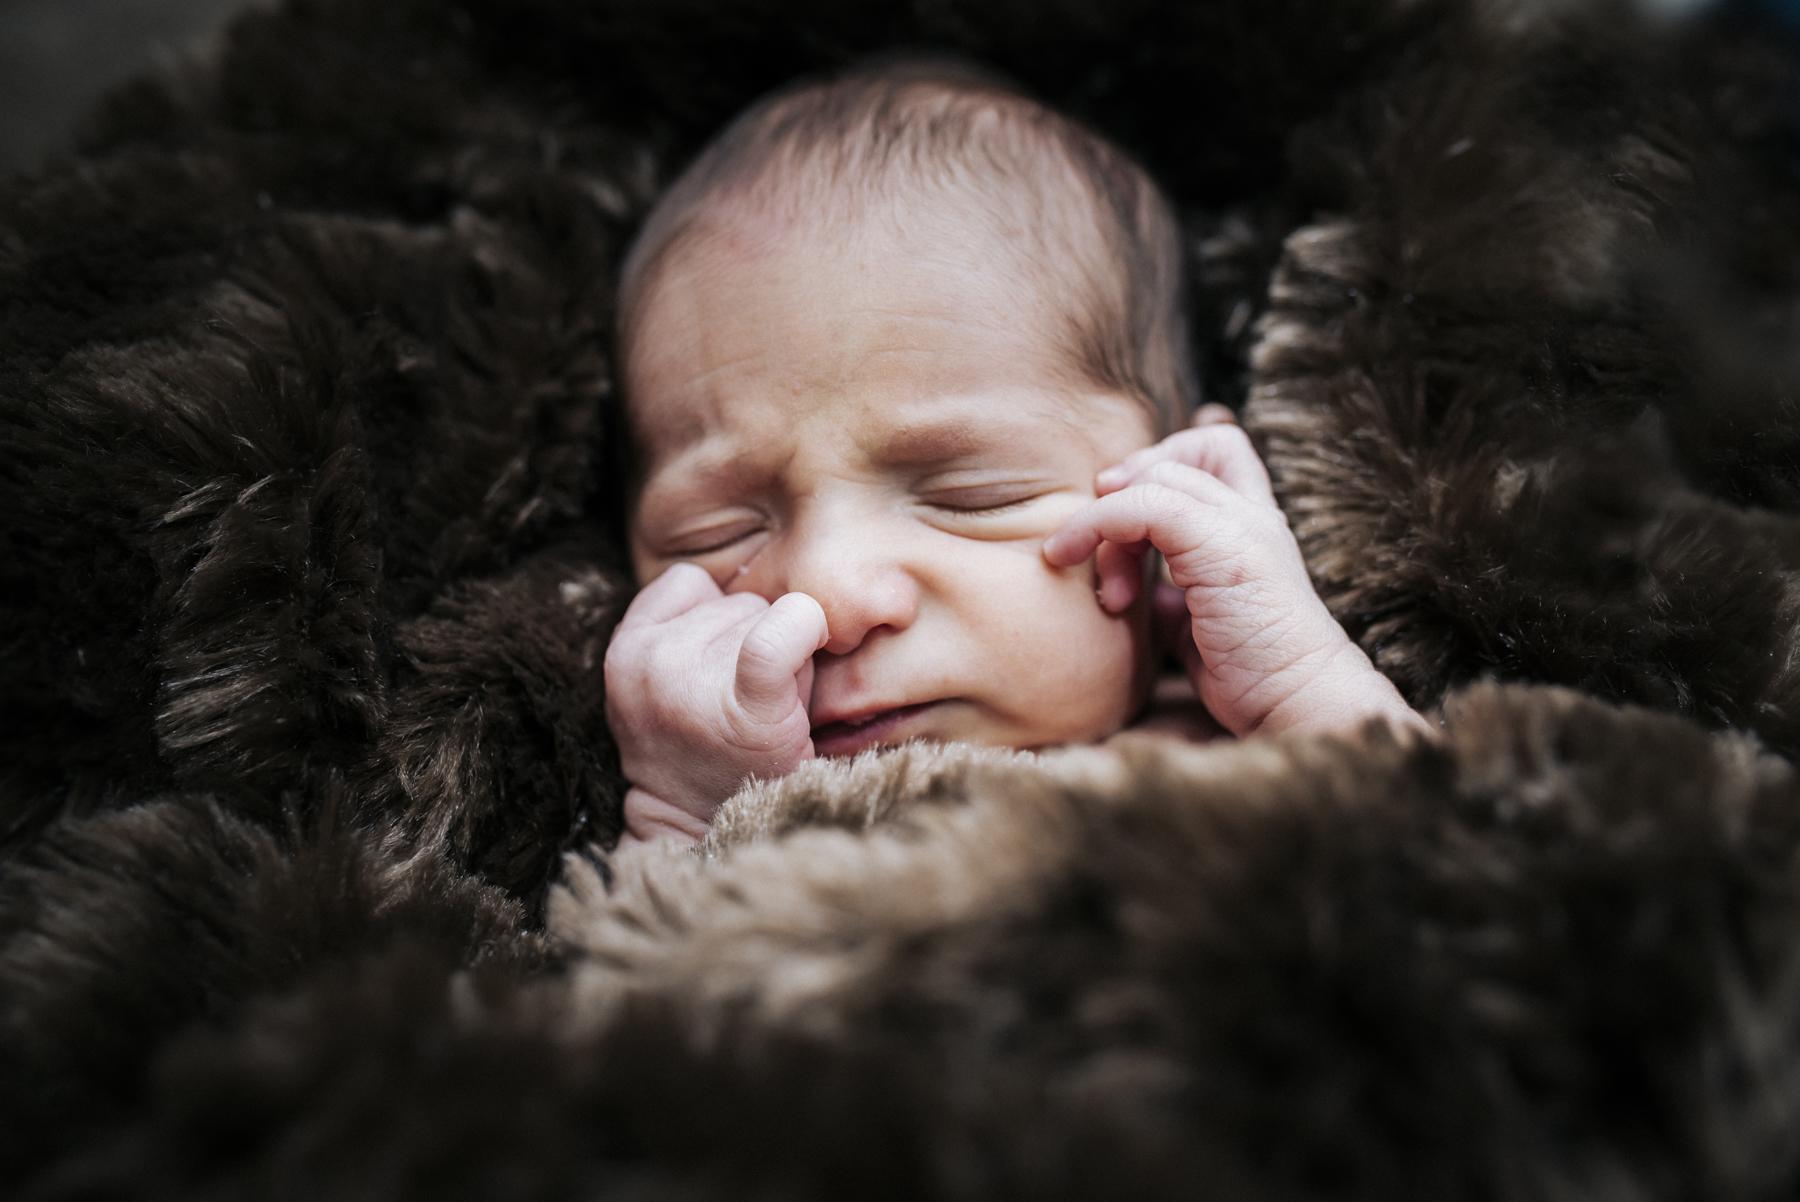 Jake_newborn-3.jpg